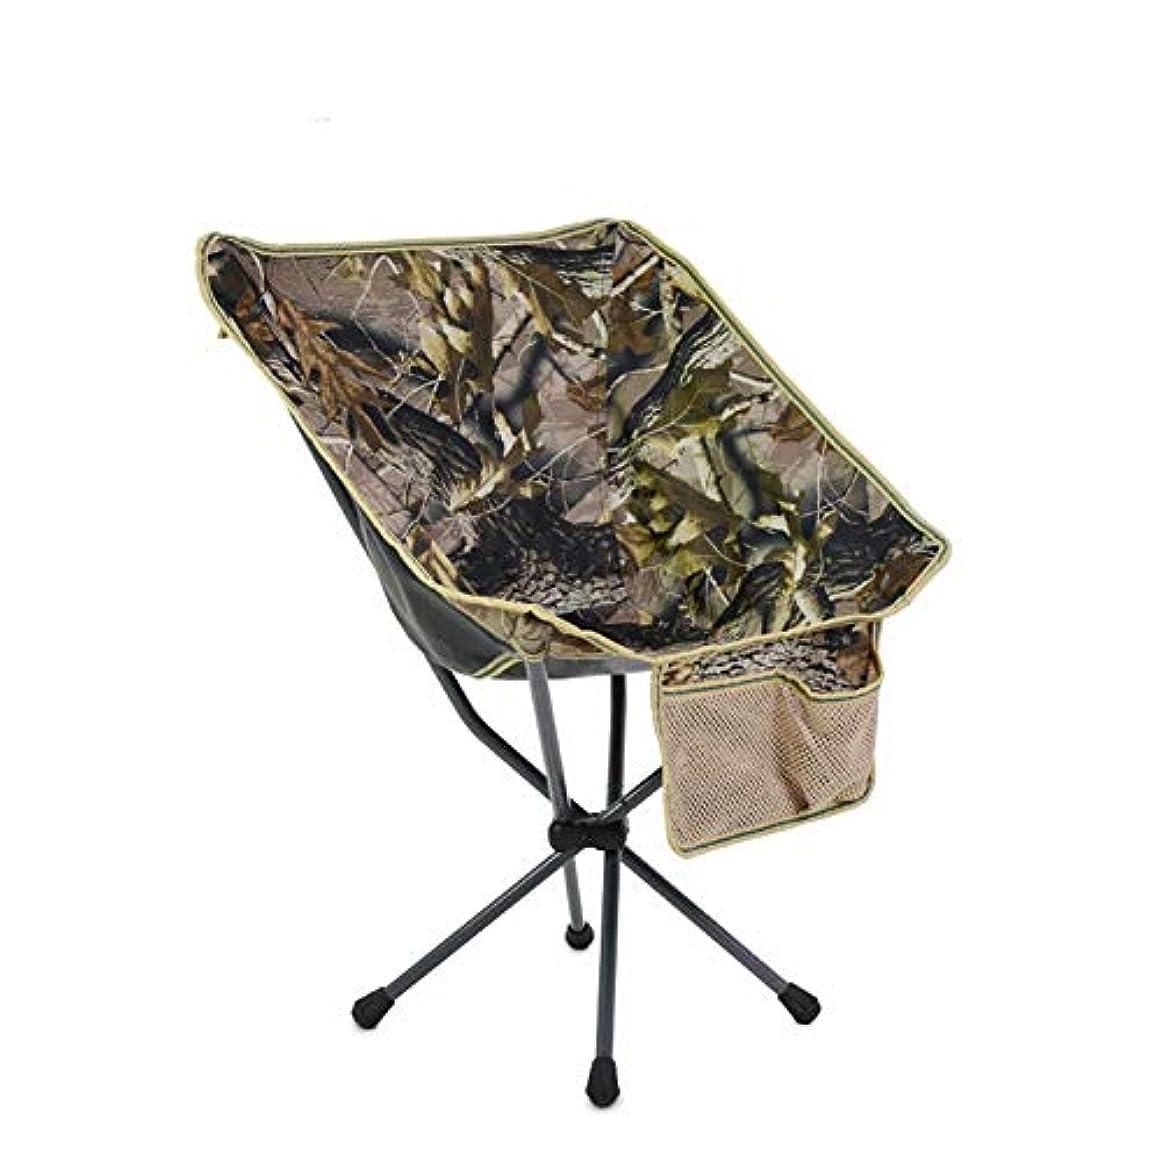 競う和らげる本体折りたたみ椅子 キャンプ 釣り/キャンプチェアー、キャリーバッグ付きの携帯用屋外折りたたみ怠惰な椅子、耐荷重120kg (色 : Style 3)